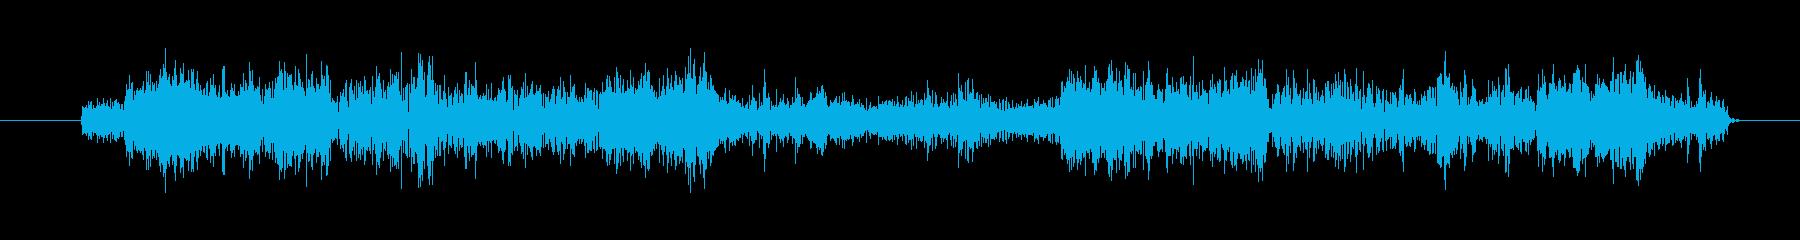 ノイズ ゴミスラップ02の再生済みの波形